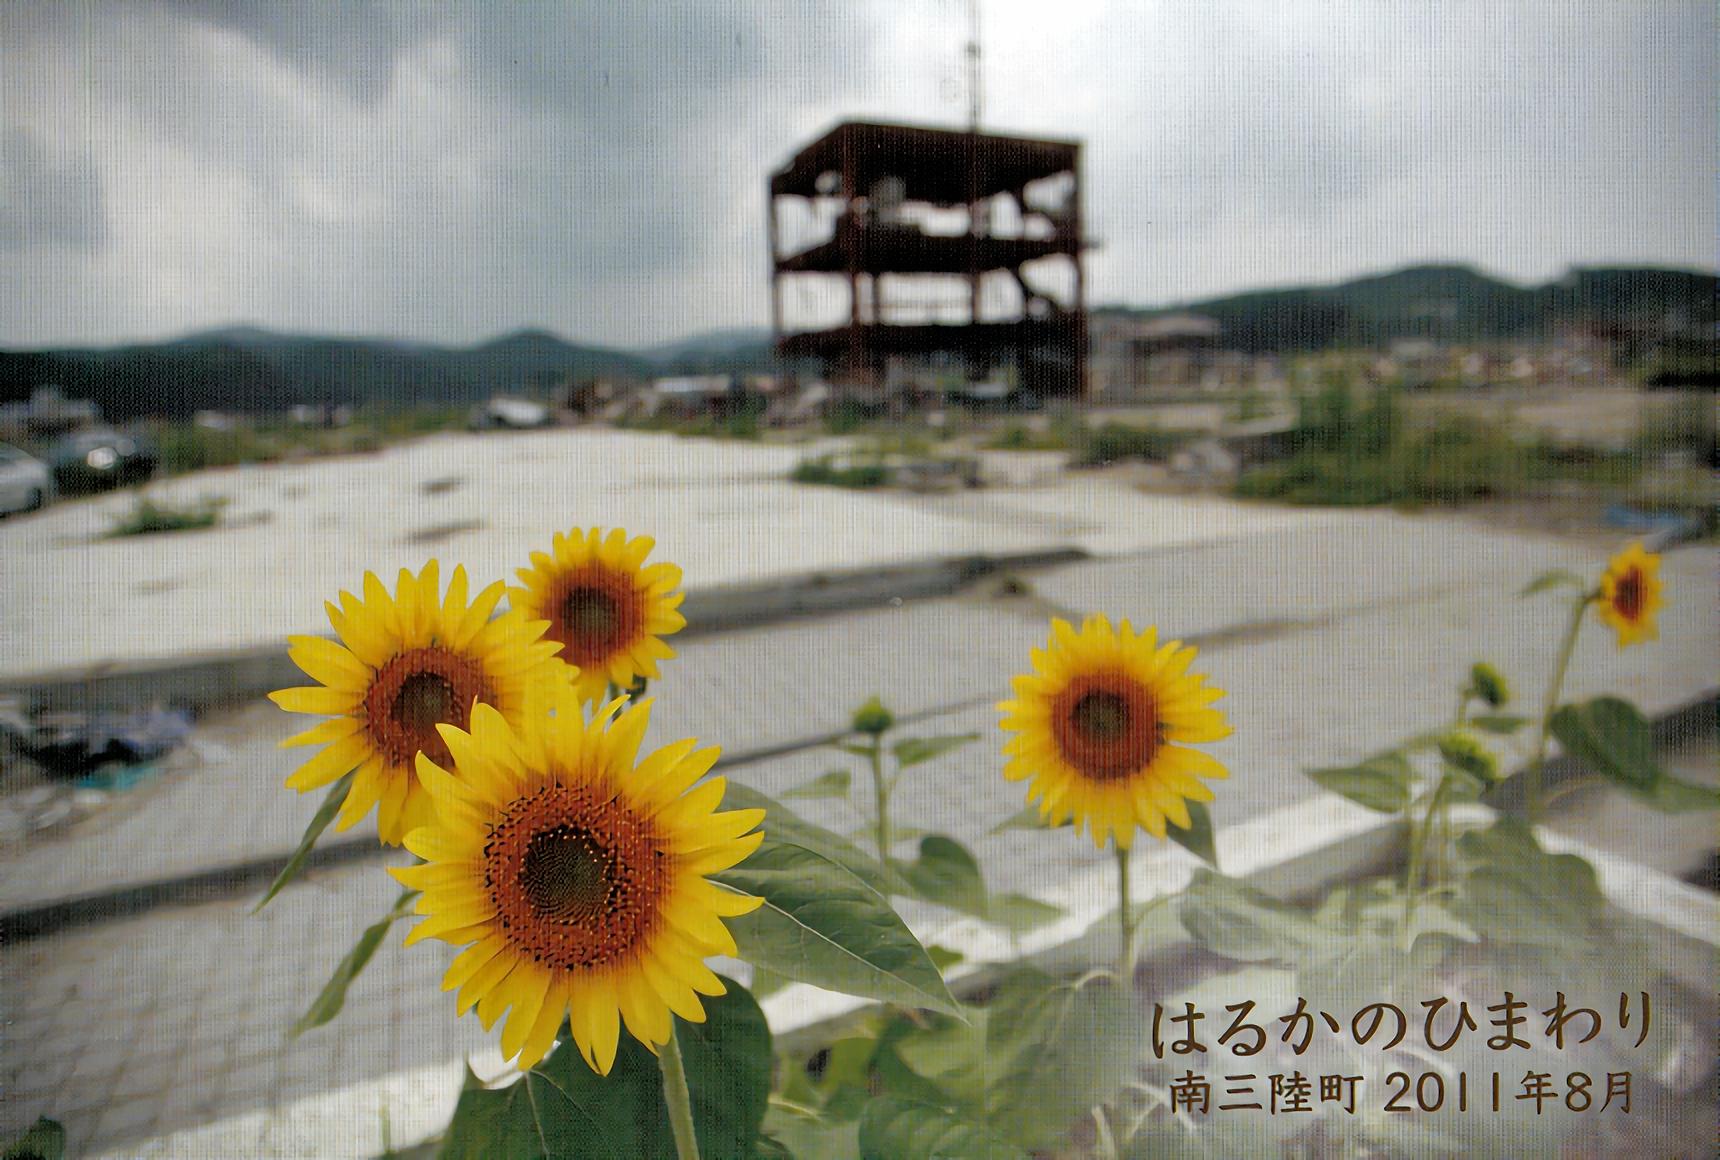 「南三陸町に咲くはるかのひまわり」のポストカード